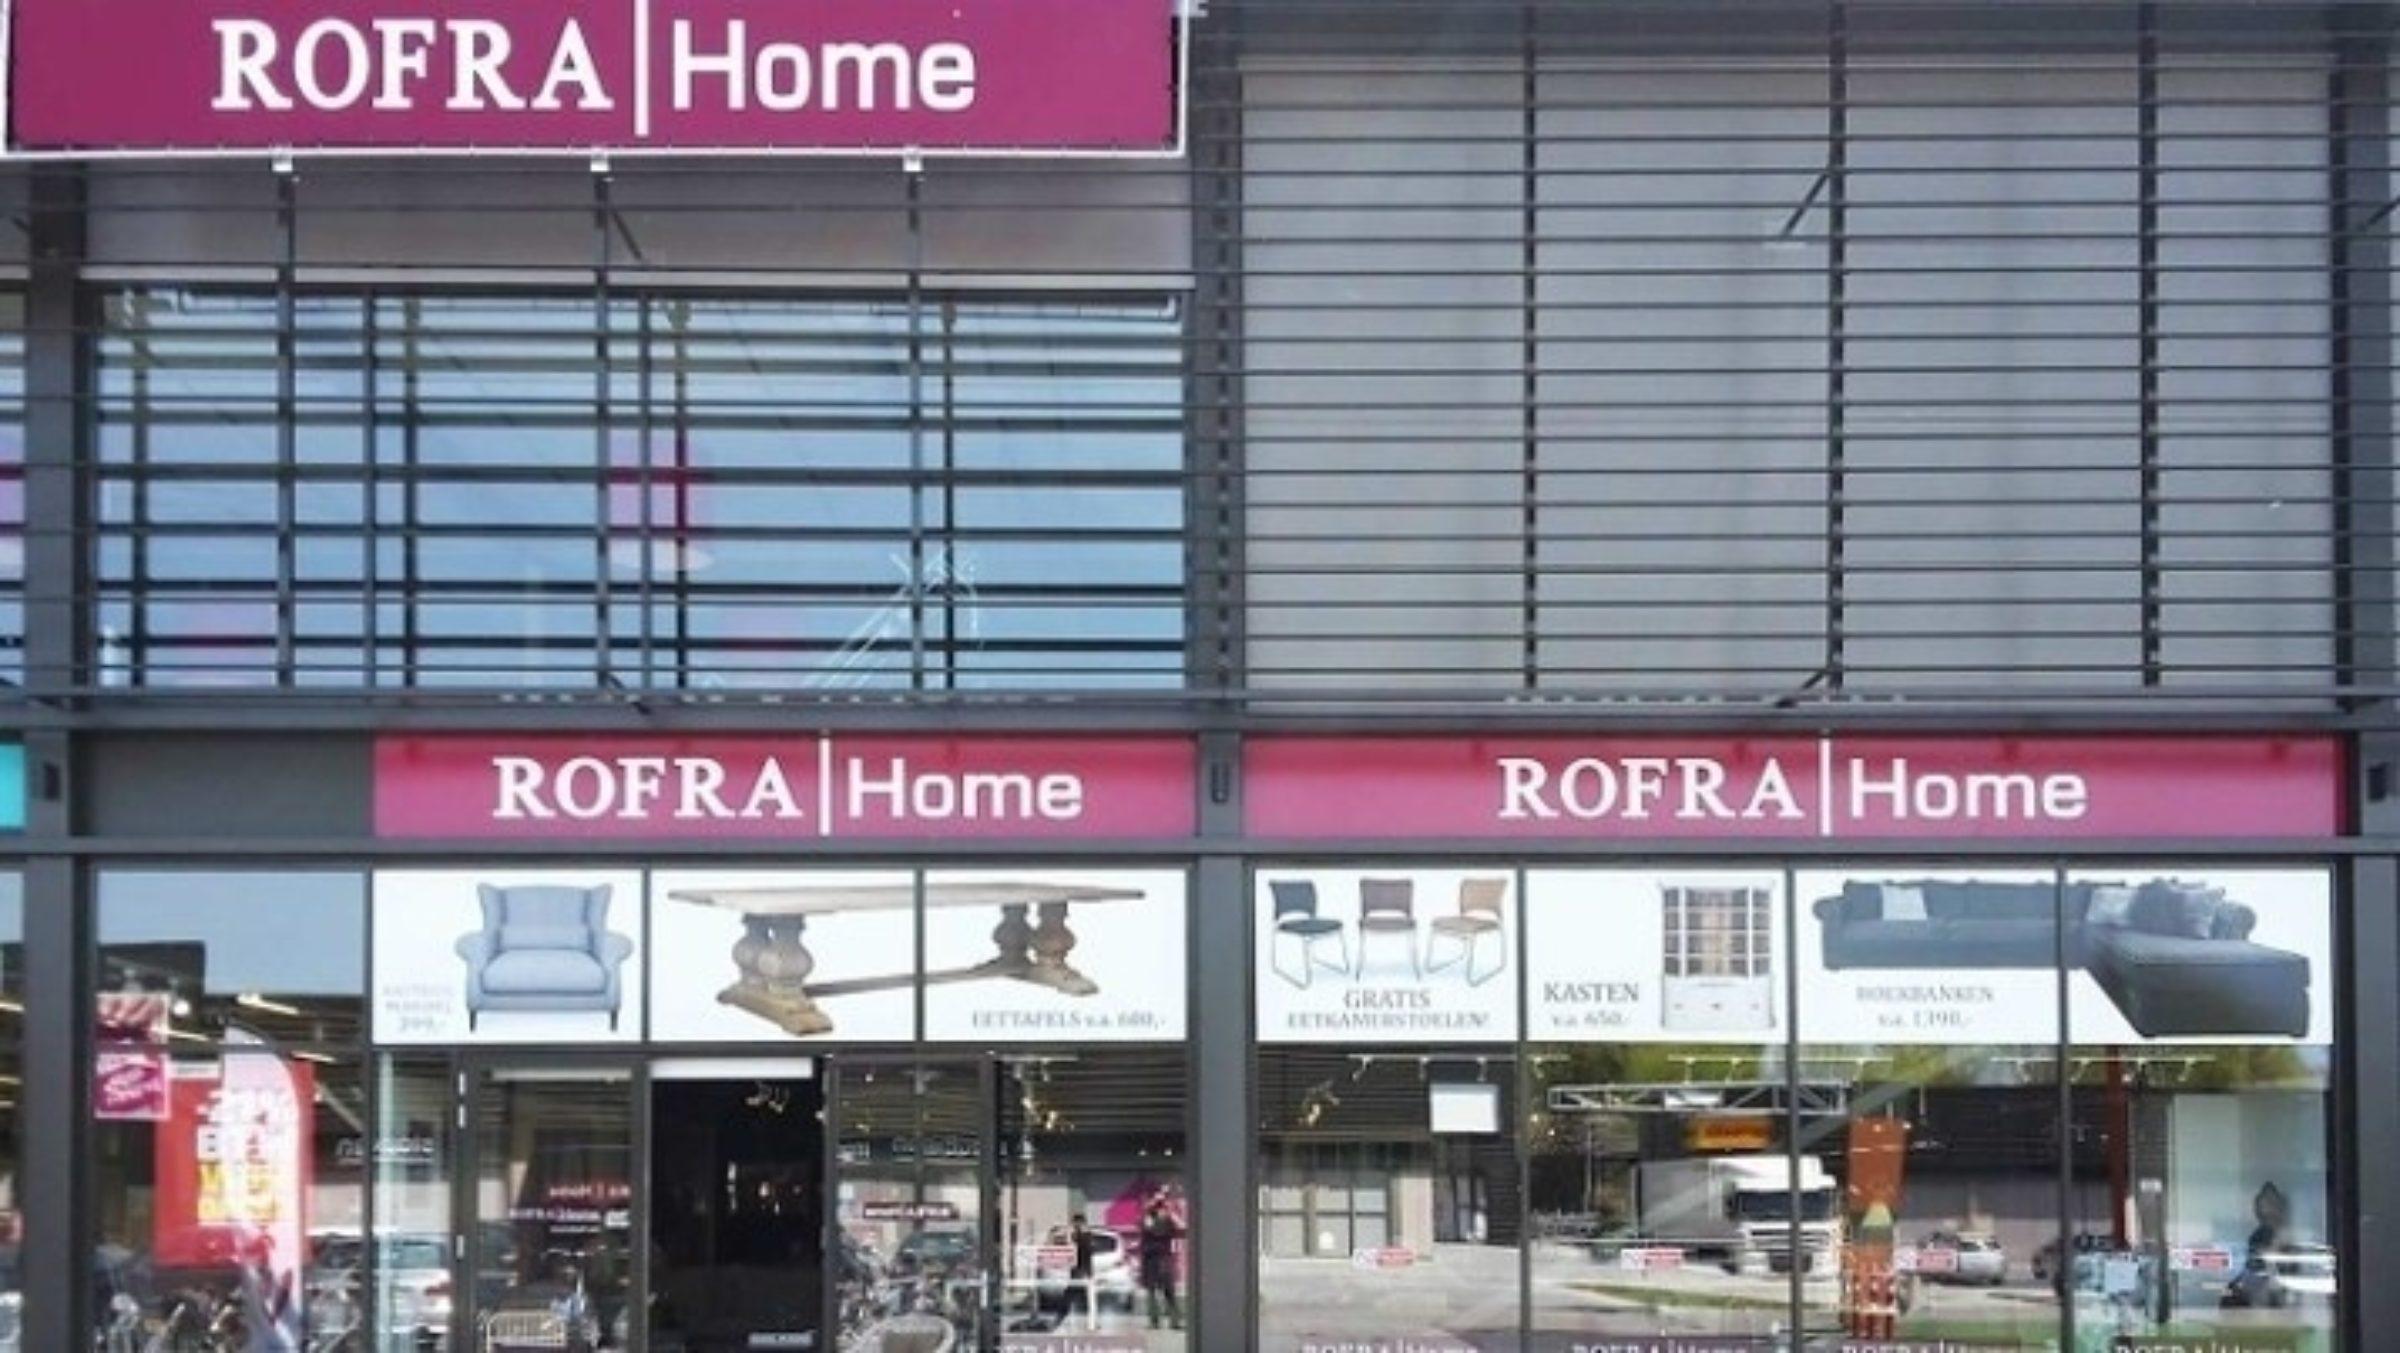 Rofra home 1496 1538747063 35ht4fn1x5